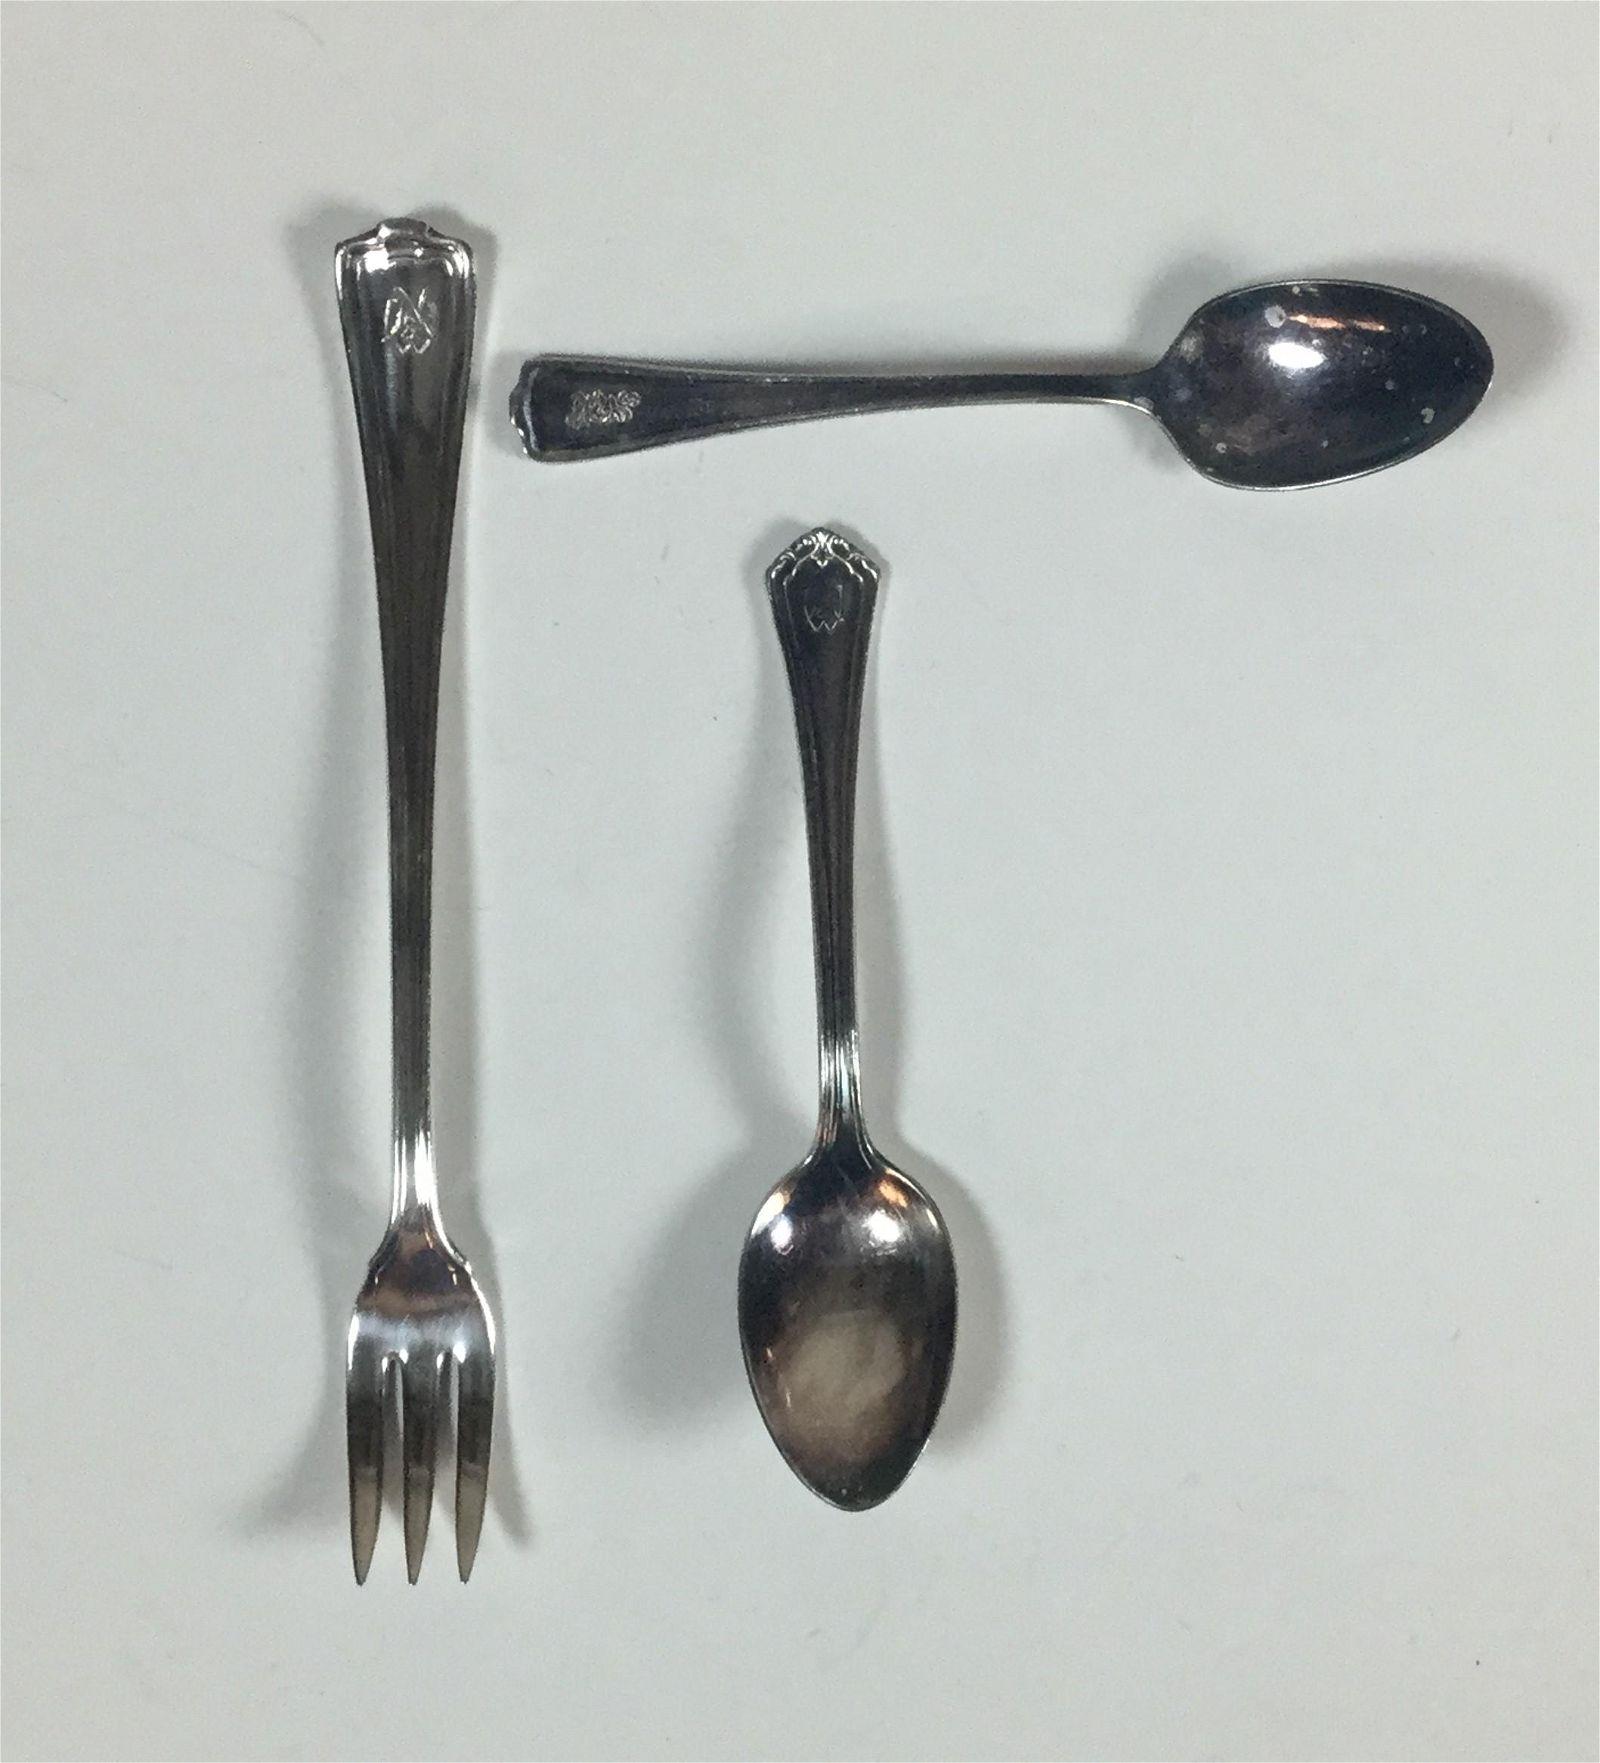 2 Norfolk & Western Railway Demitasse Spoons & a Pickle